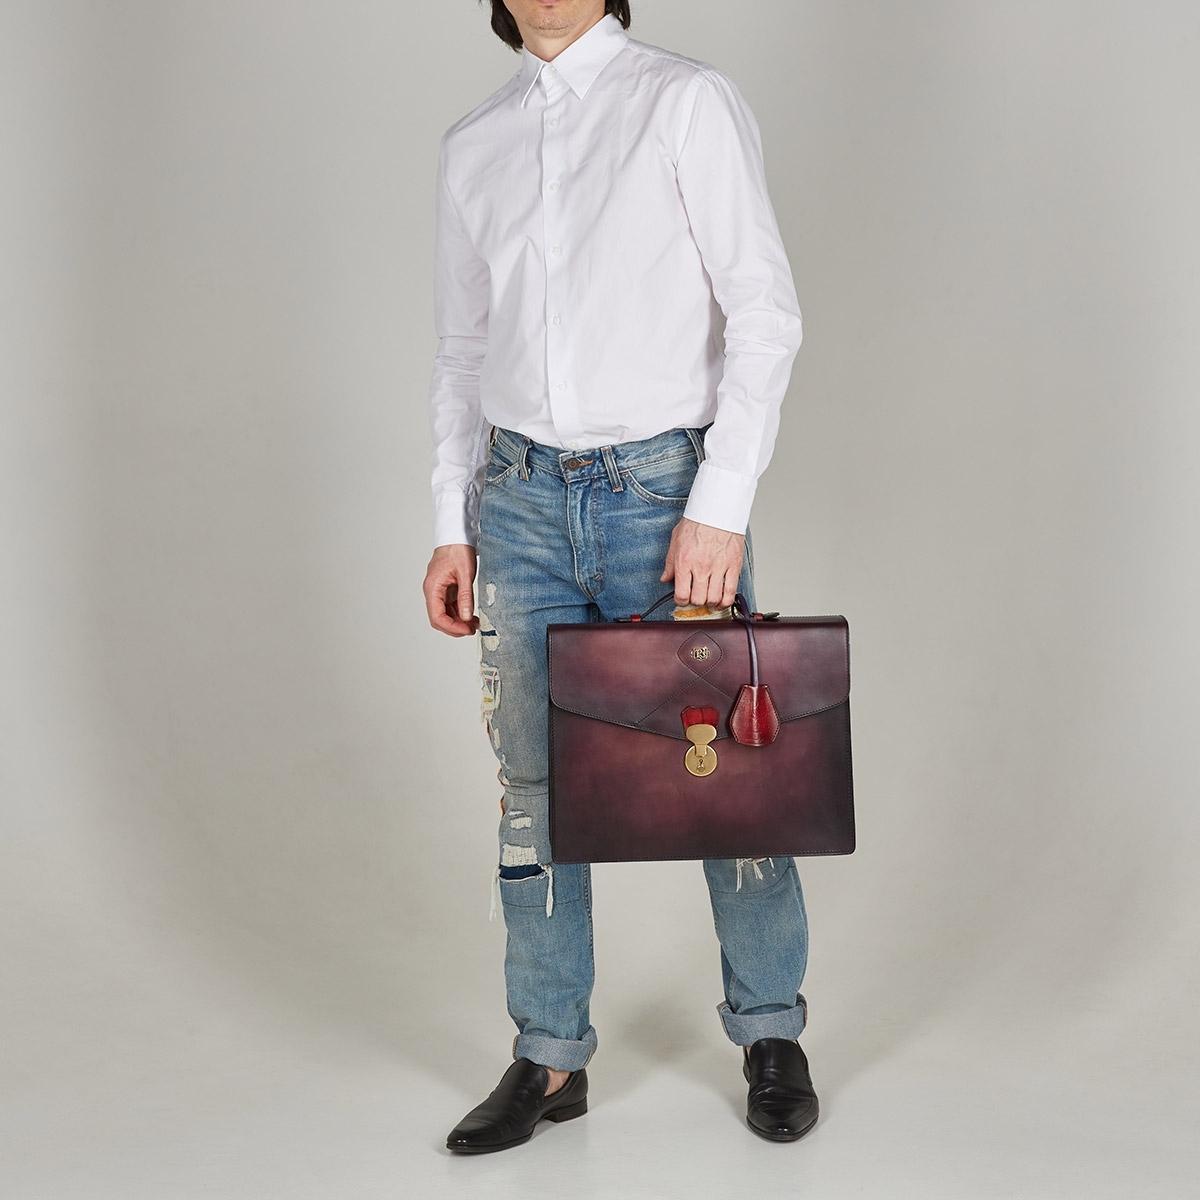 Briefcase ELEGANCE red currant & plum wine